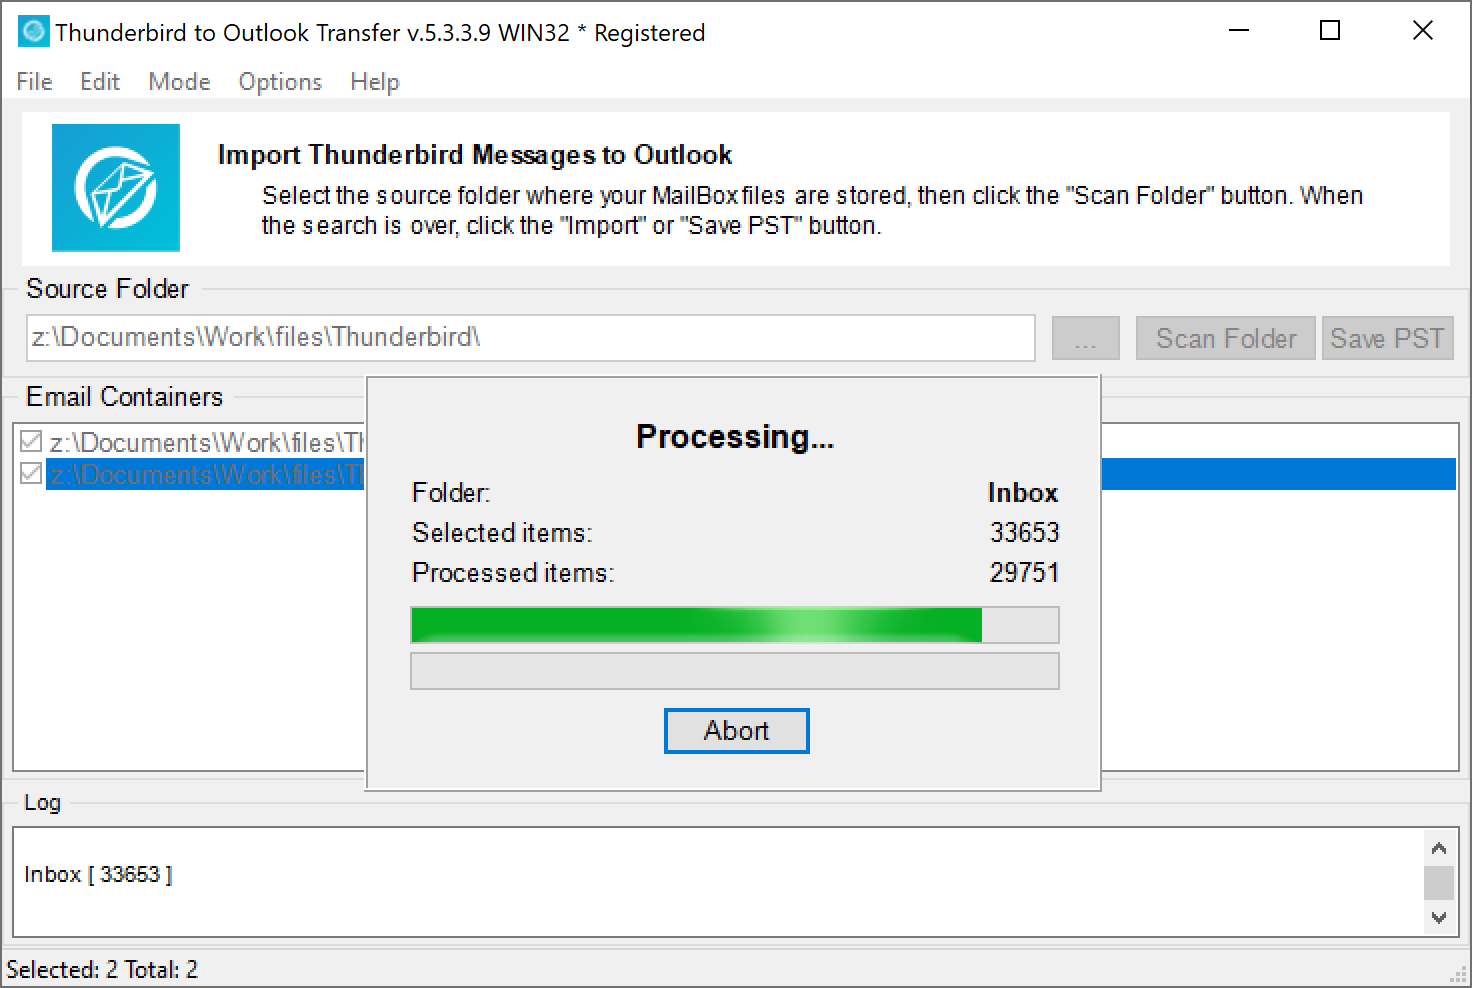 Thunderbird Outlook Transfer -kuvakaappaus